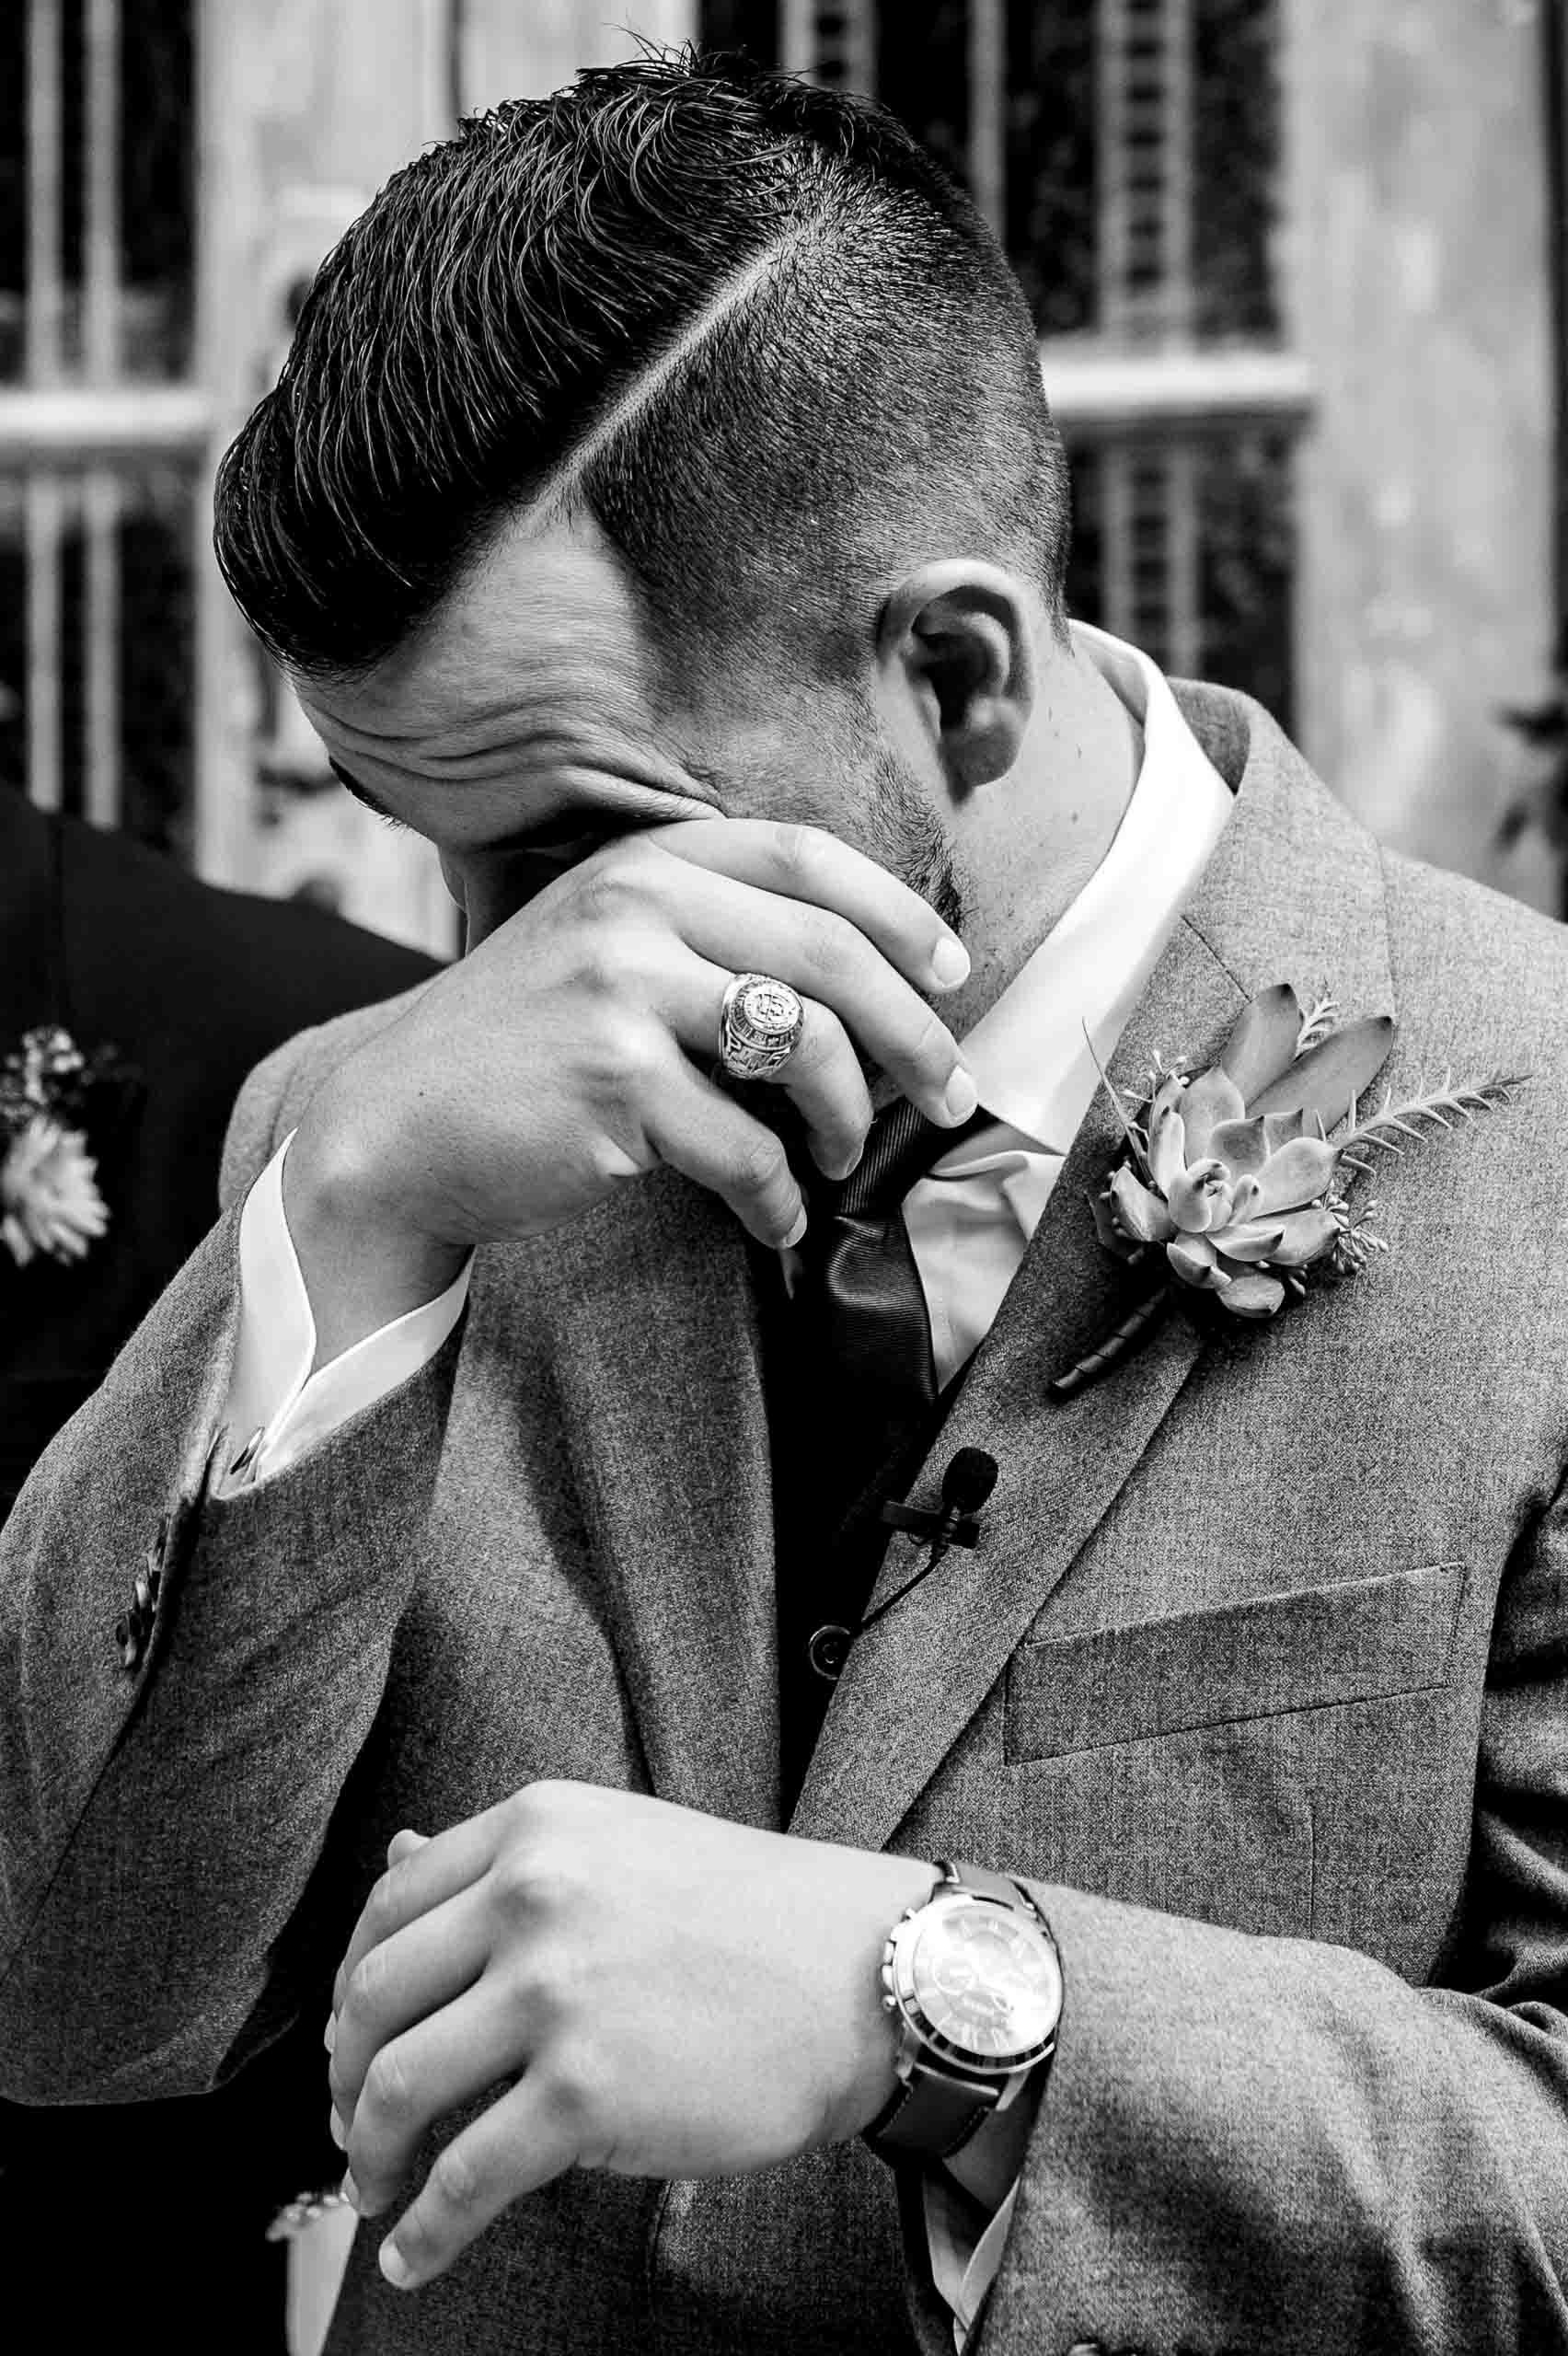 san-antonio-wedding-photographers-_4S24200-1